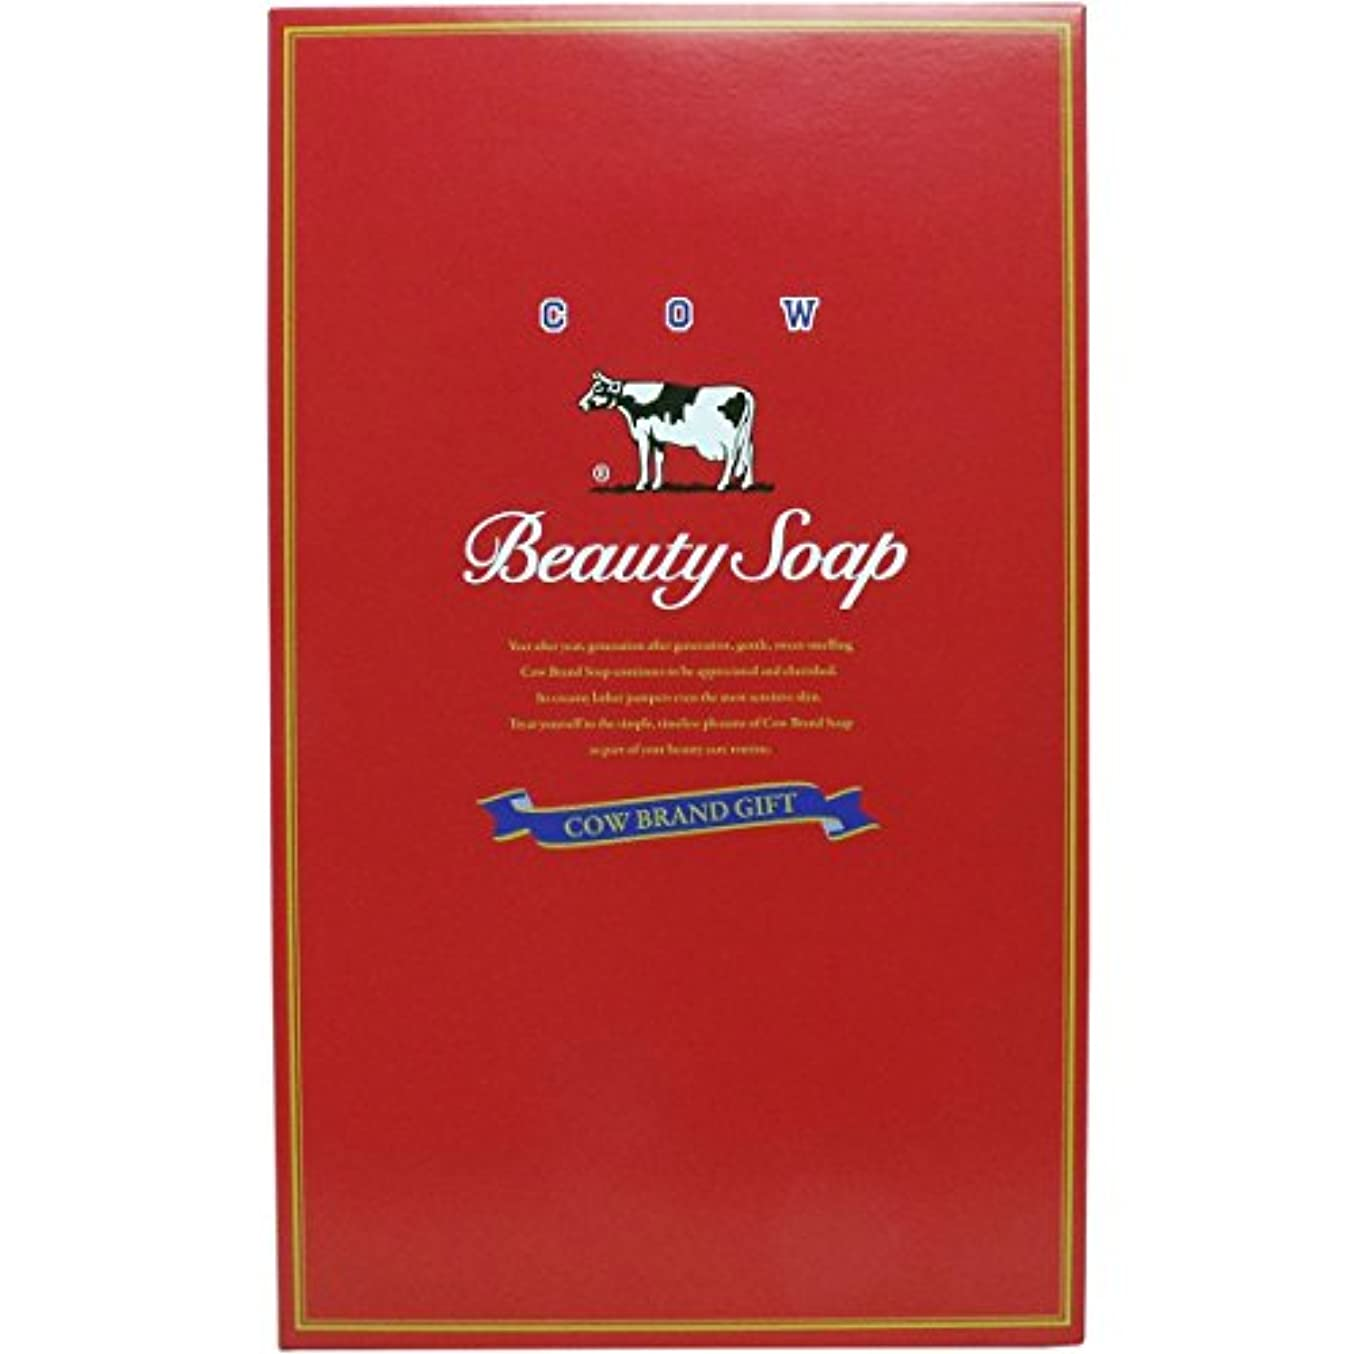 吹雪上にはしご牛乳石鹸共進社 カウブランド石鹸 赤箱 100g×10個×3箱